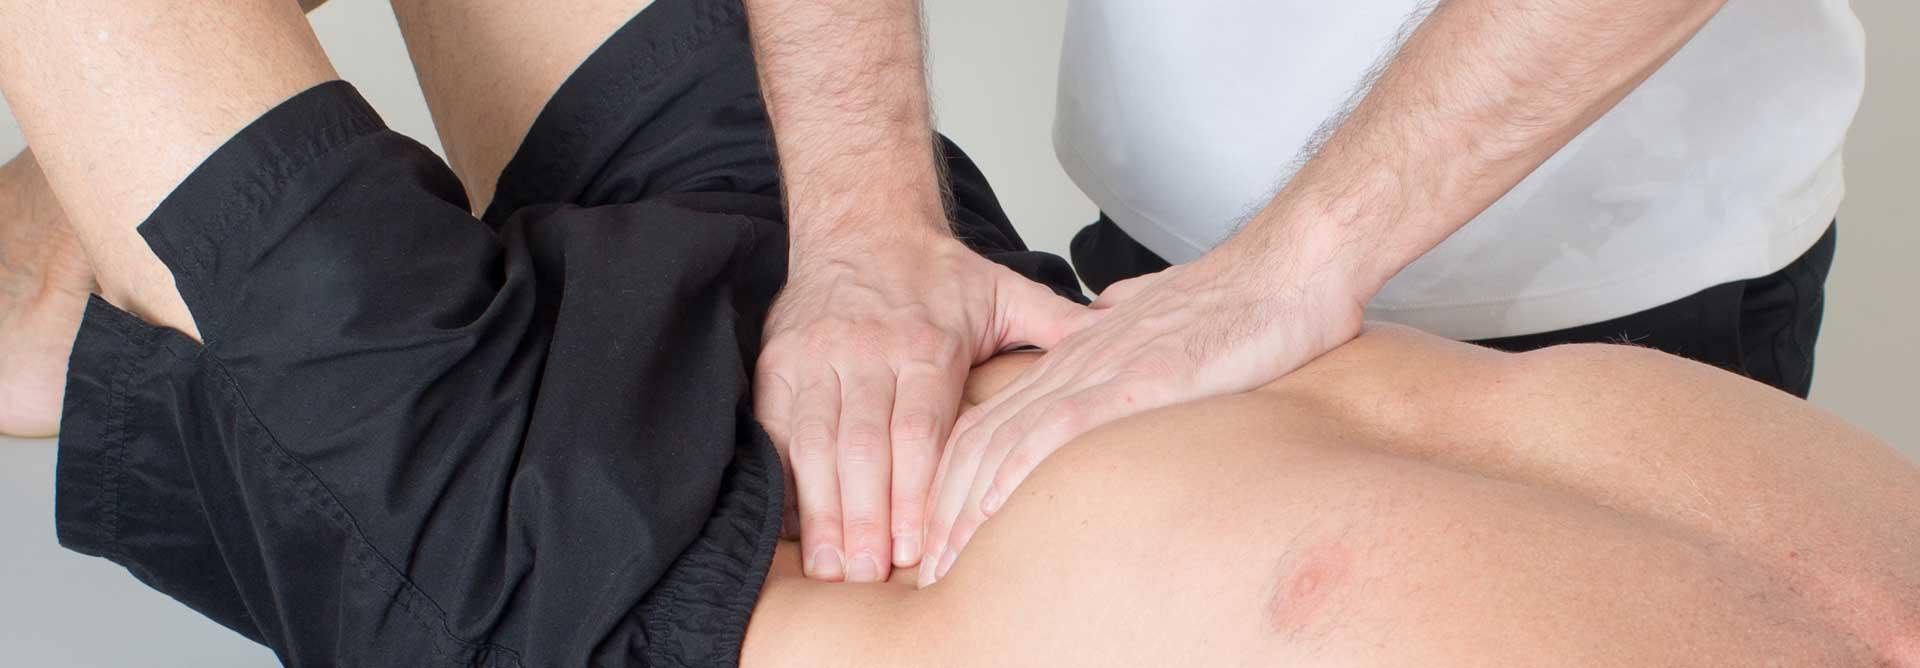 L'ostéopathie, une pratique prenant en compte les interactions du corps